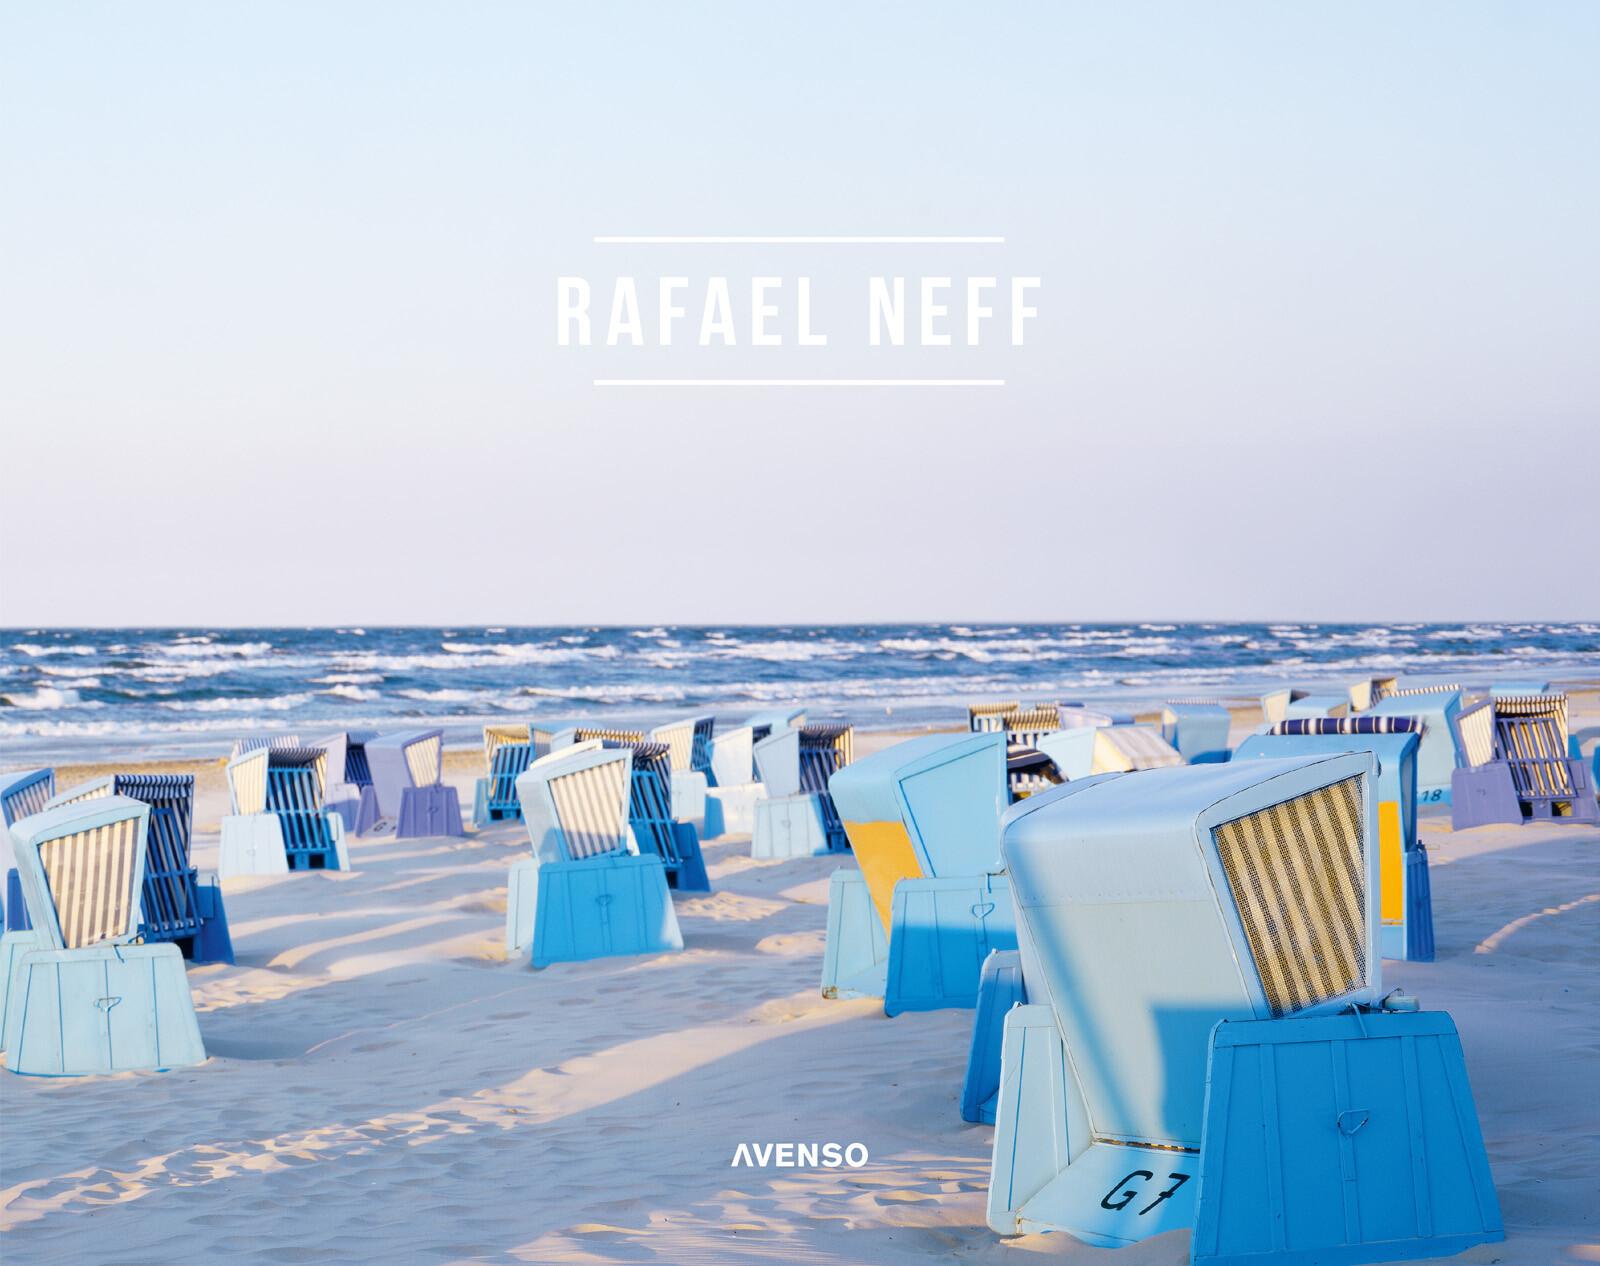 Rafael Neff - Rafael Neff